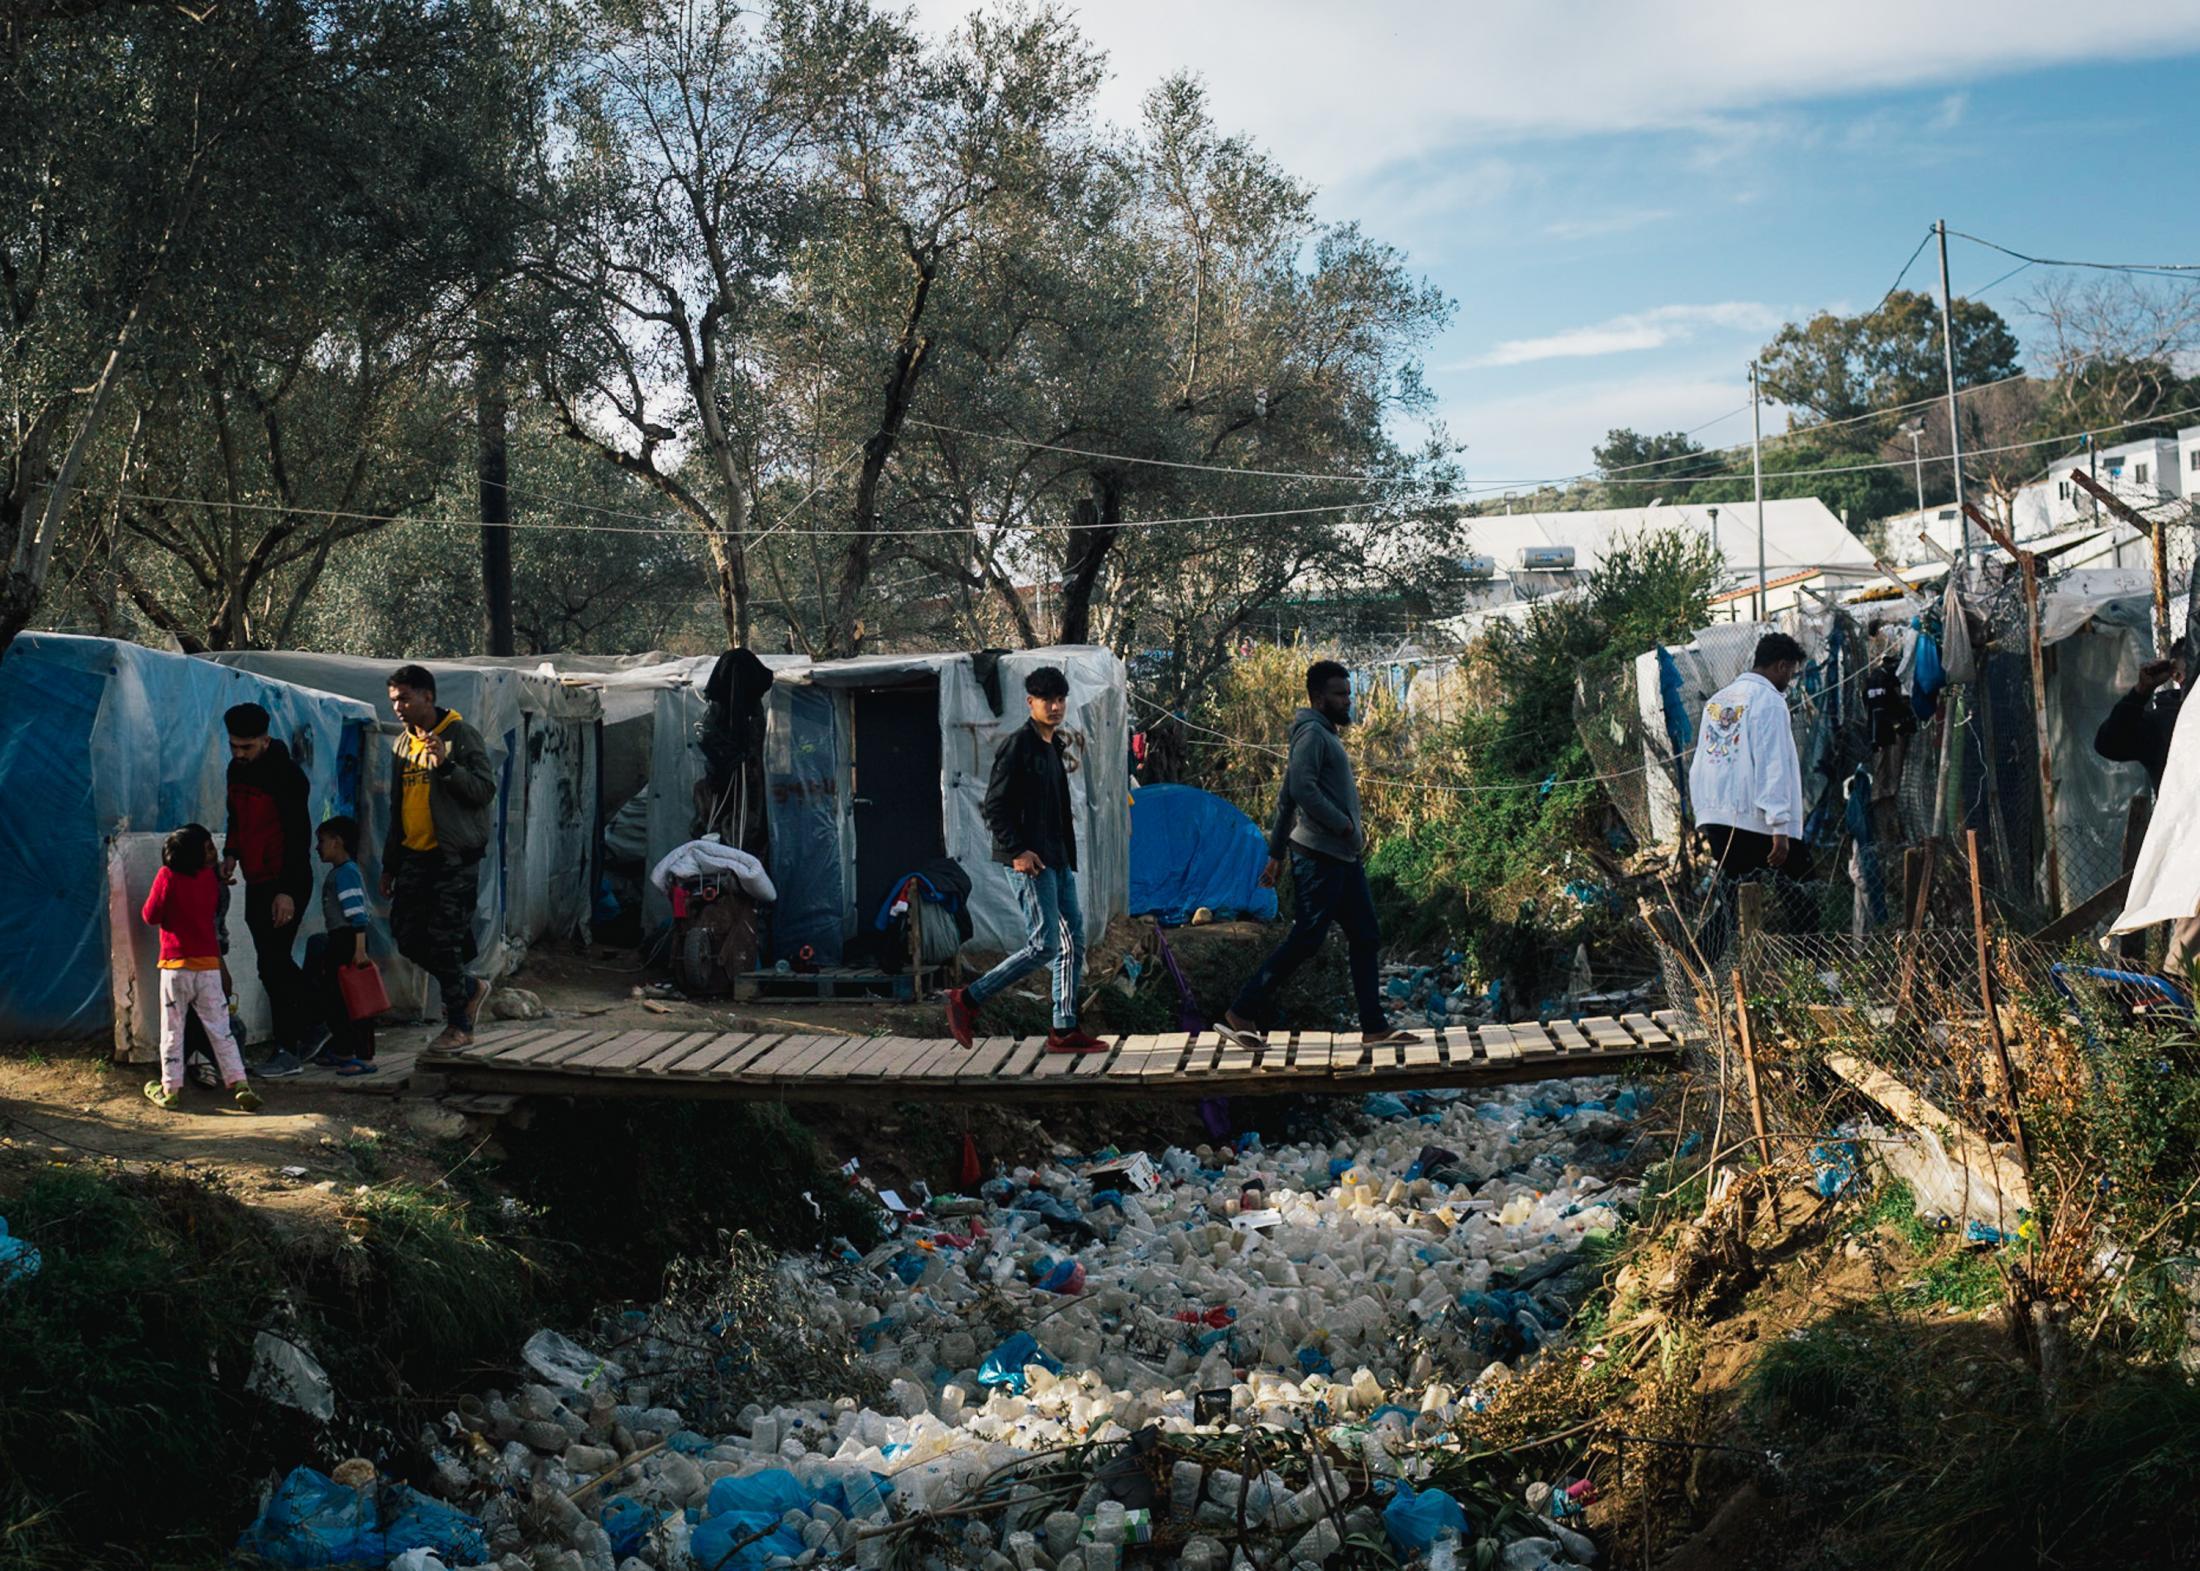 In Moria gibt es keine zentrale Müllentsorgung, stattdessen sammelt sich der Müll überall. Für das lokale Müllunternehmen ist es schwierig gegen die große Menge anzukommen. Oft stehen die Zelte so dicht nebeneinander, dass für die Müllfahrzeuge kein Durchkommen ist.